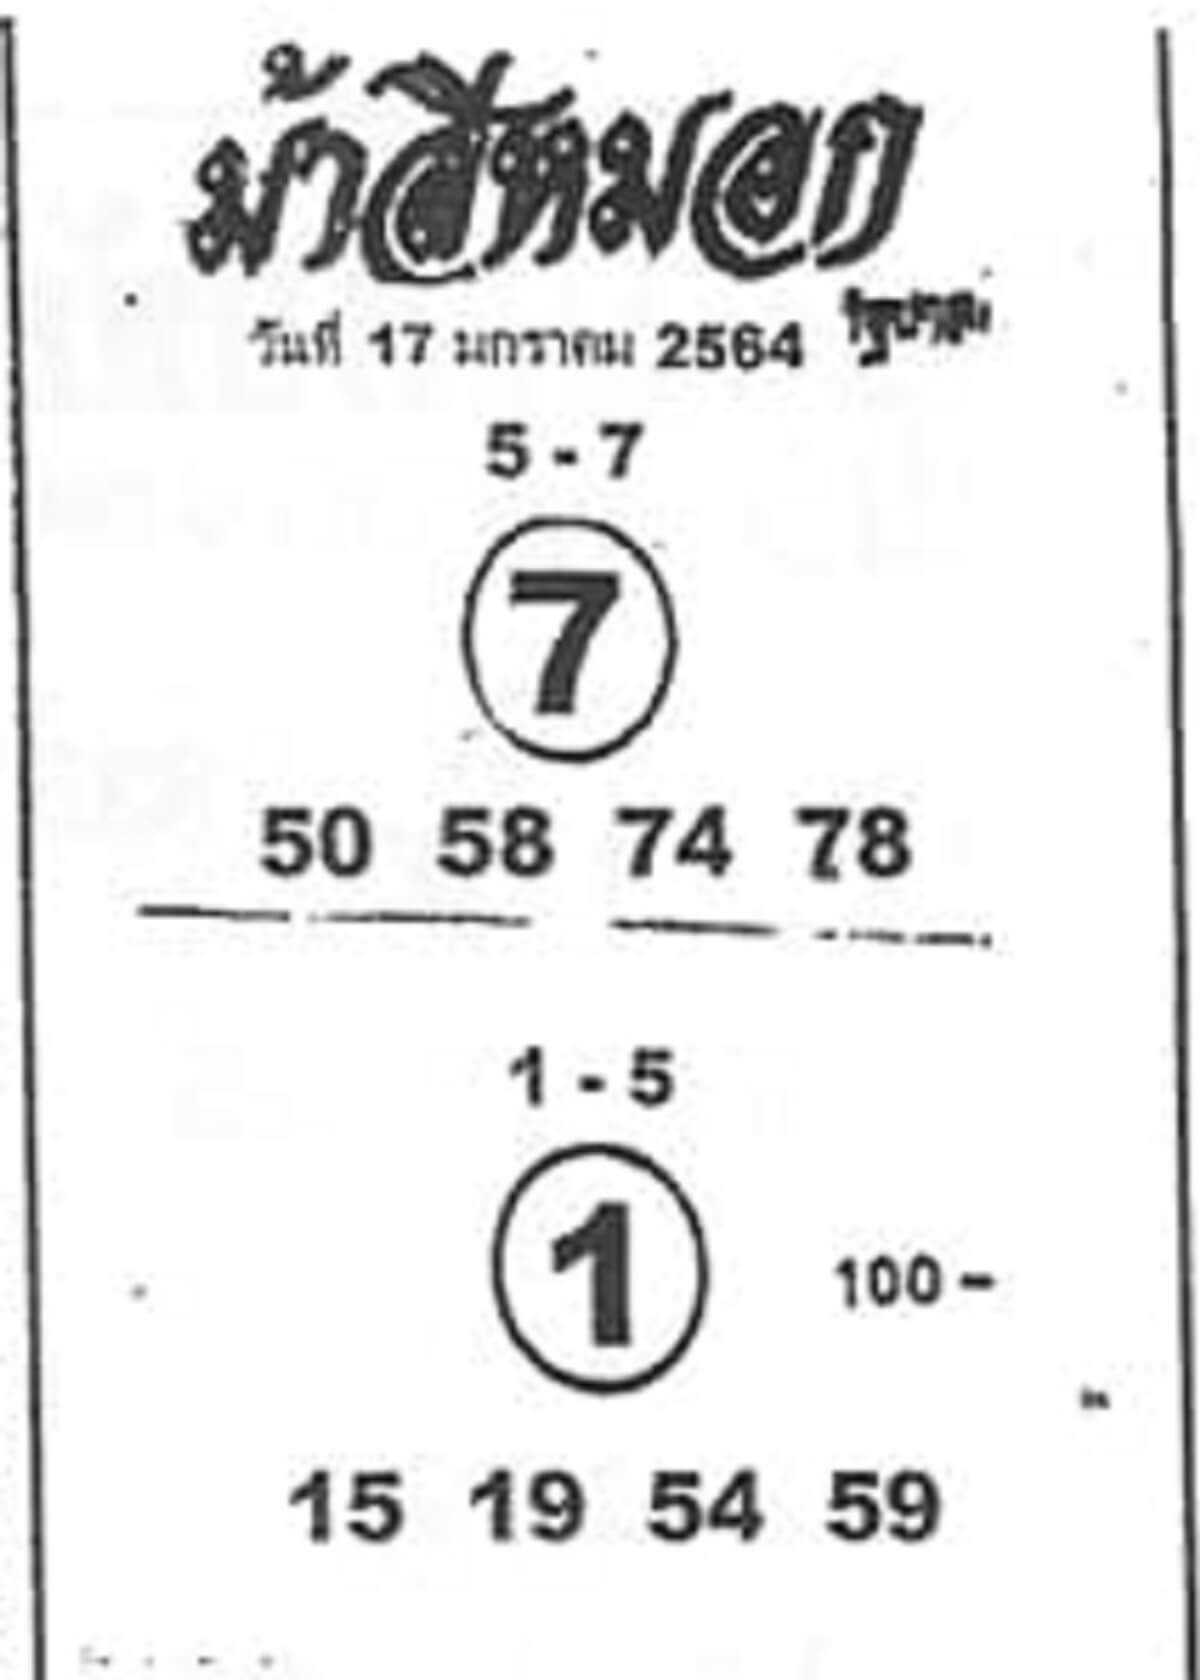 หวยม้าสีหมอก 17 มค 64